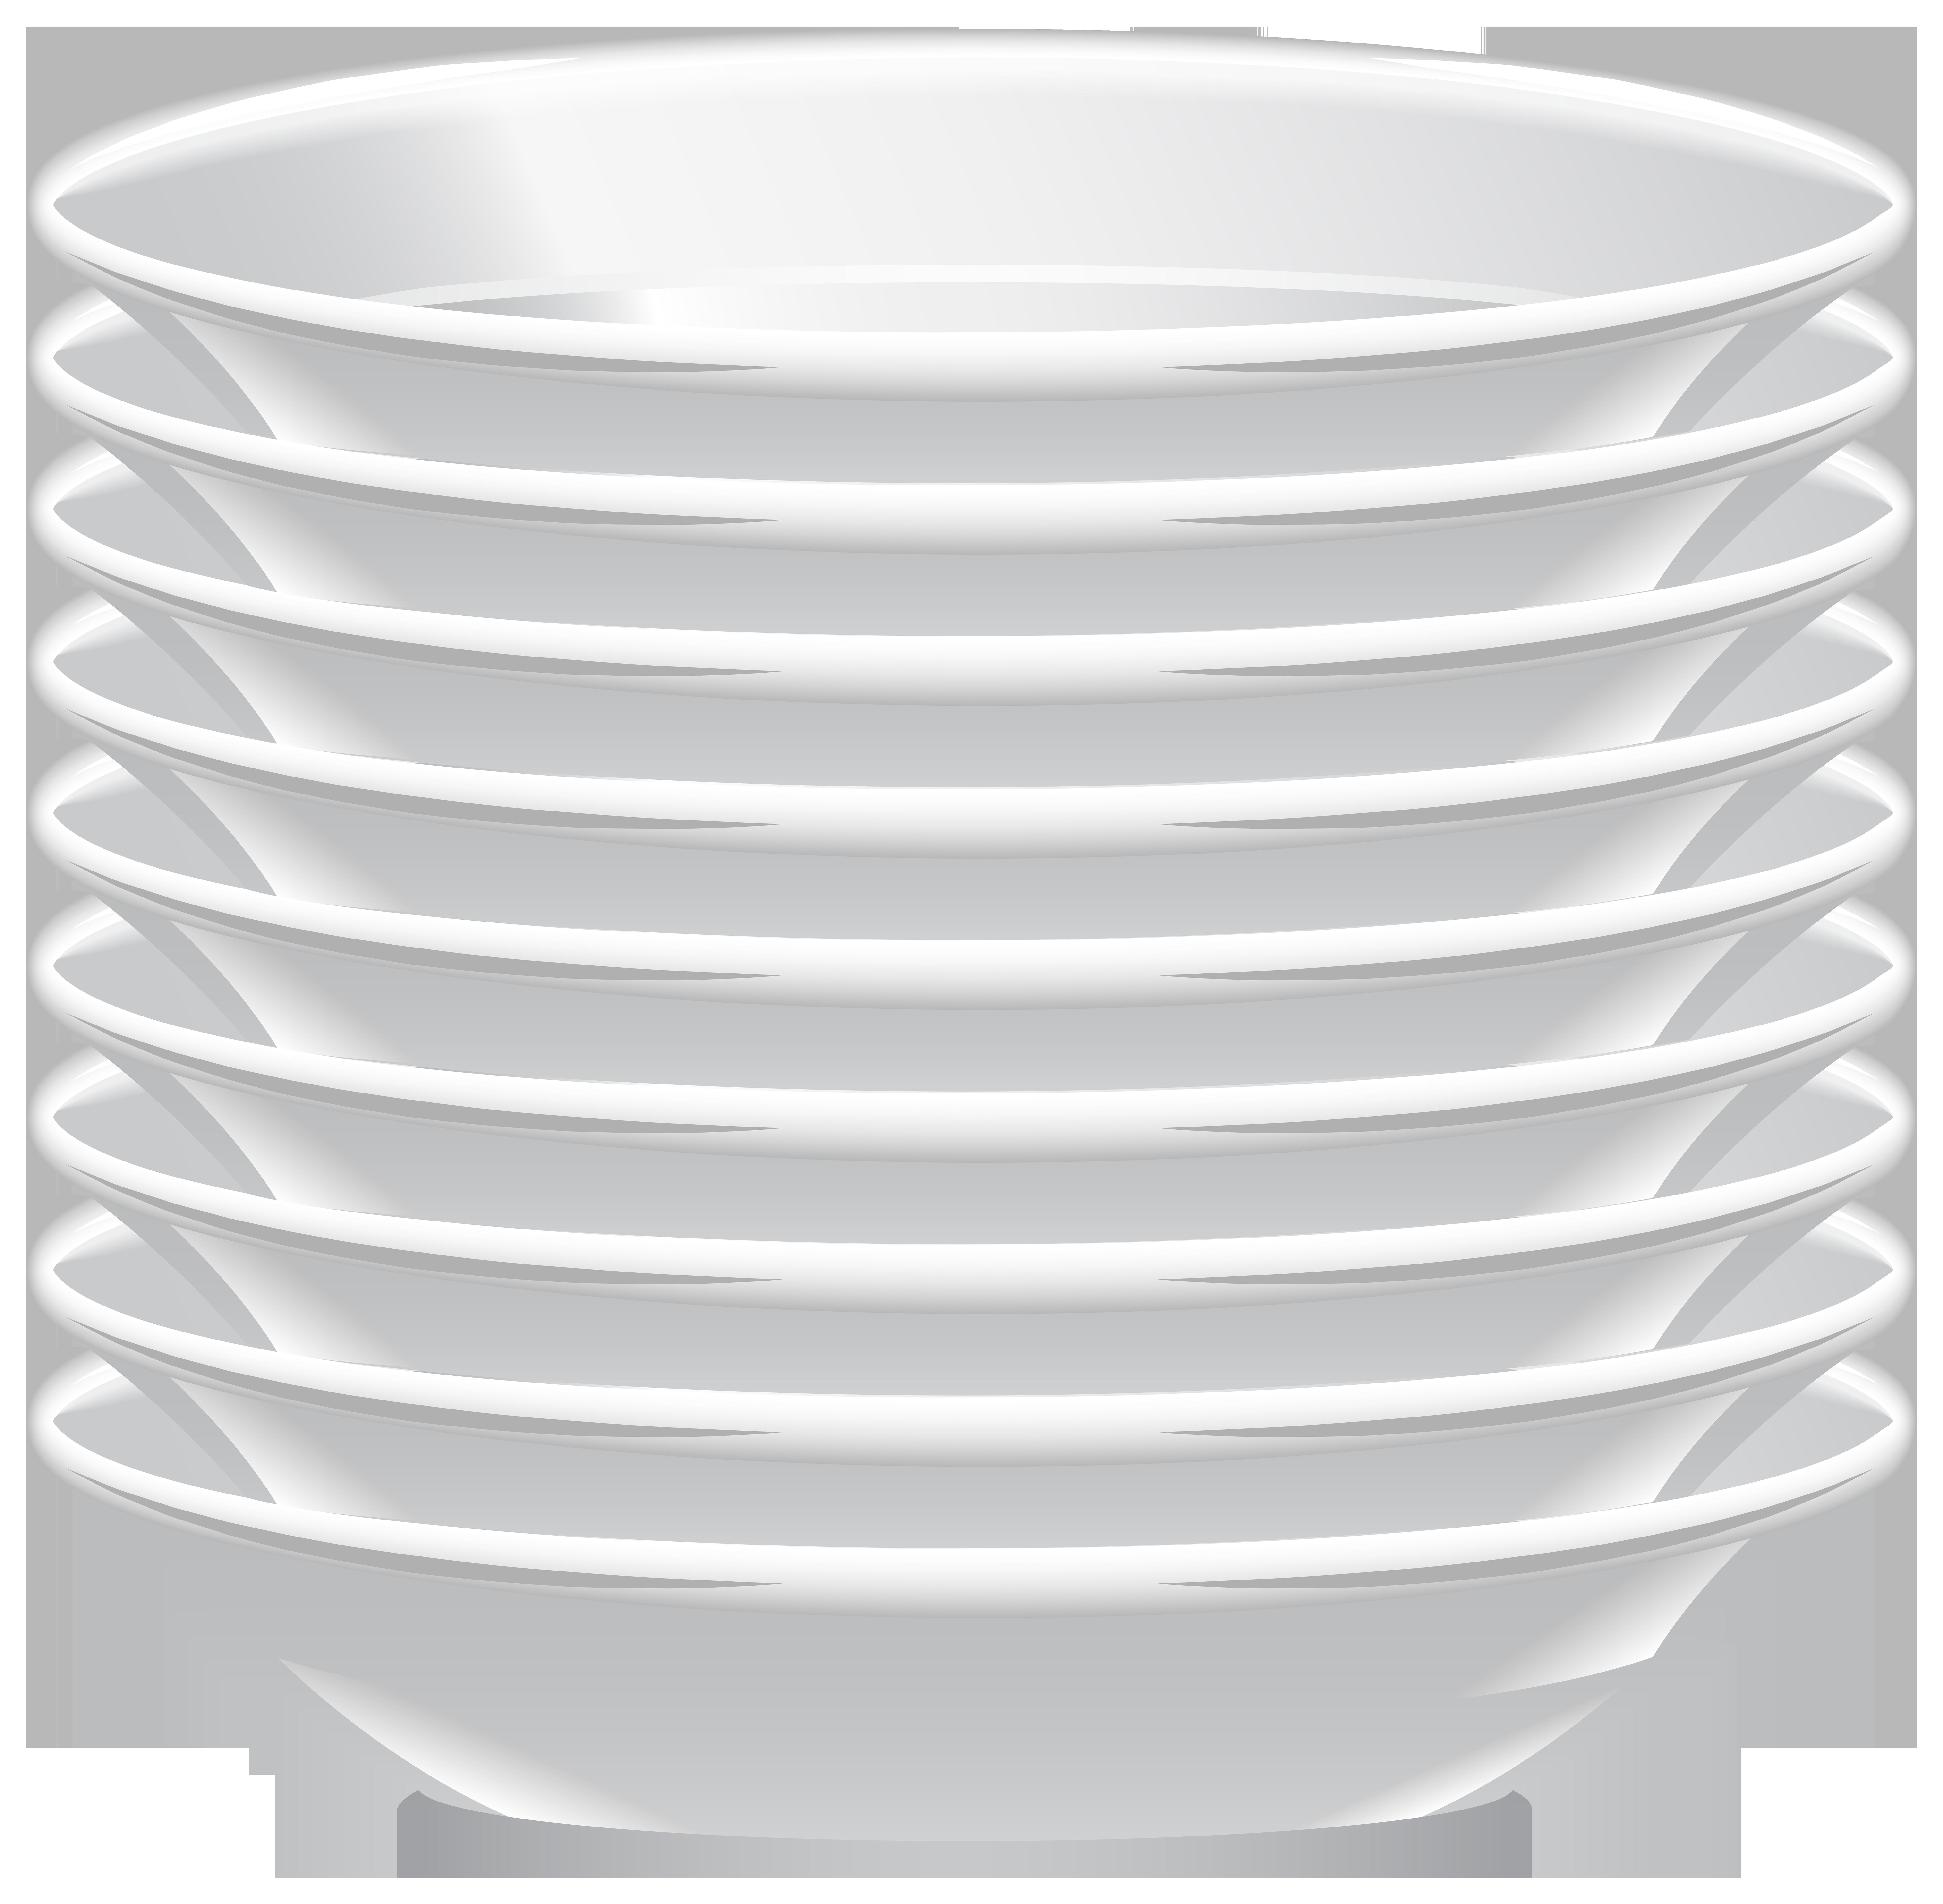 Soup Plates PNG Clip Art.